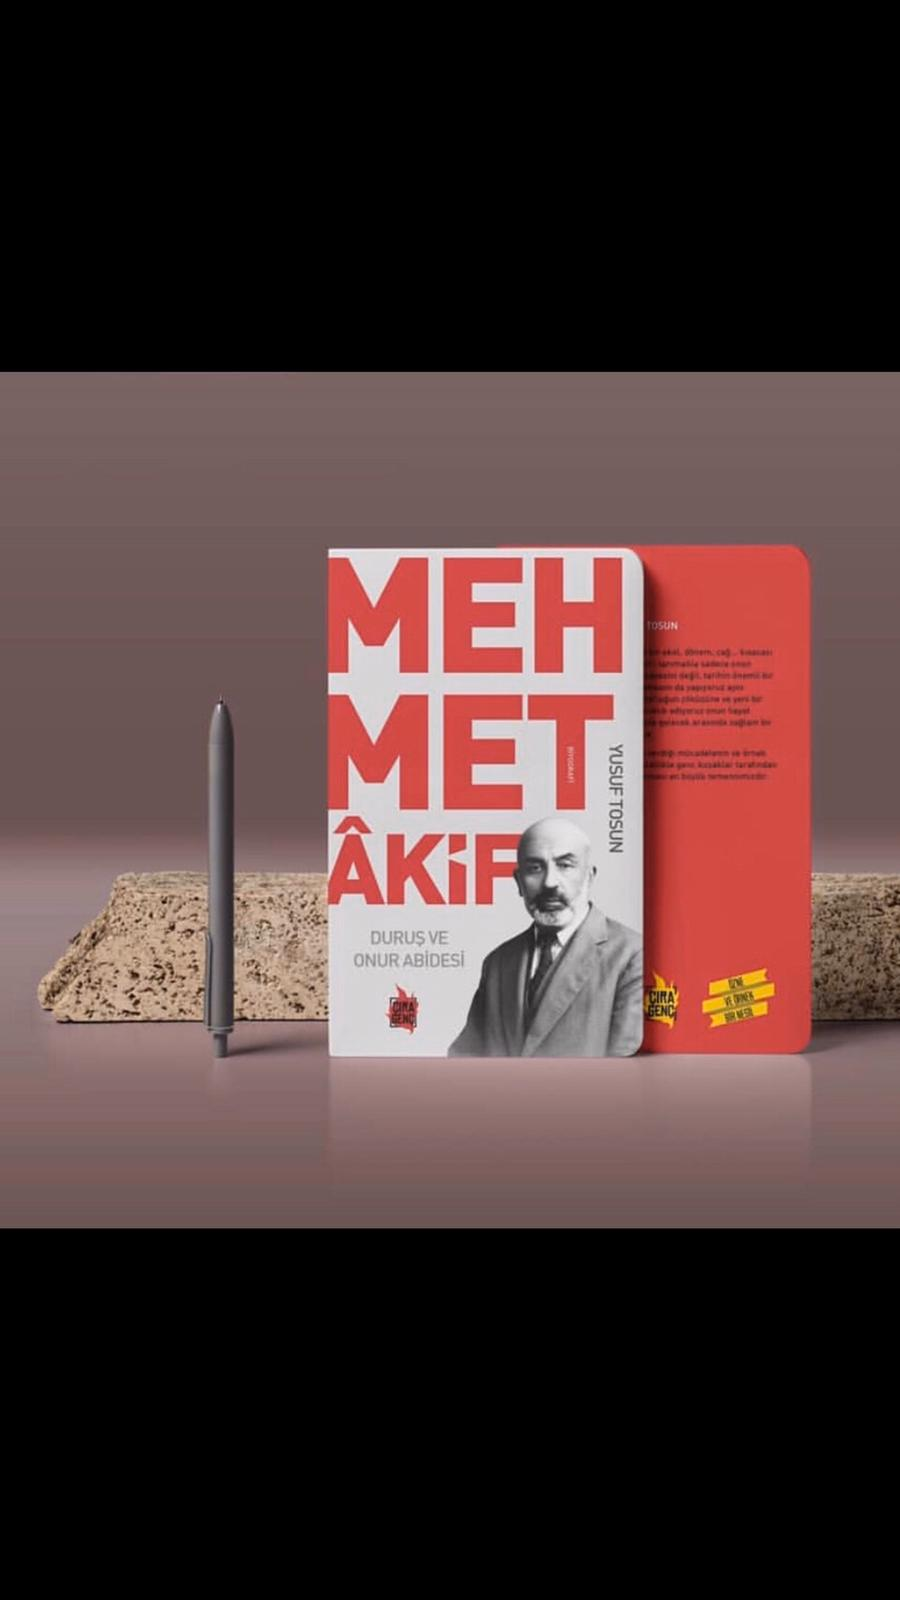 Duruş ve Onur Abidesi Mehmet Akif